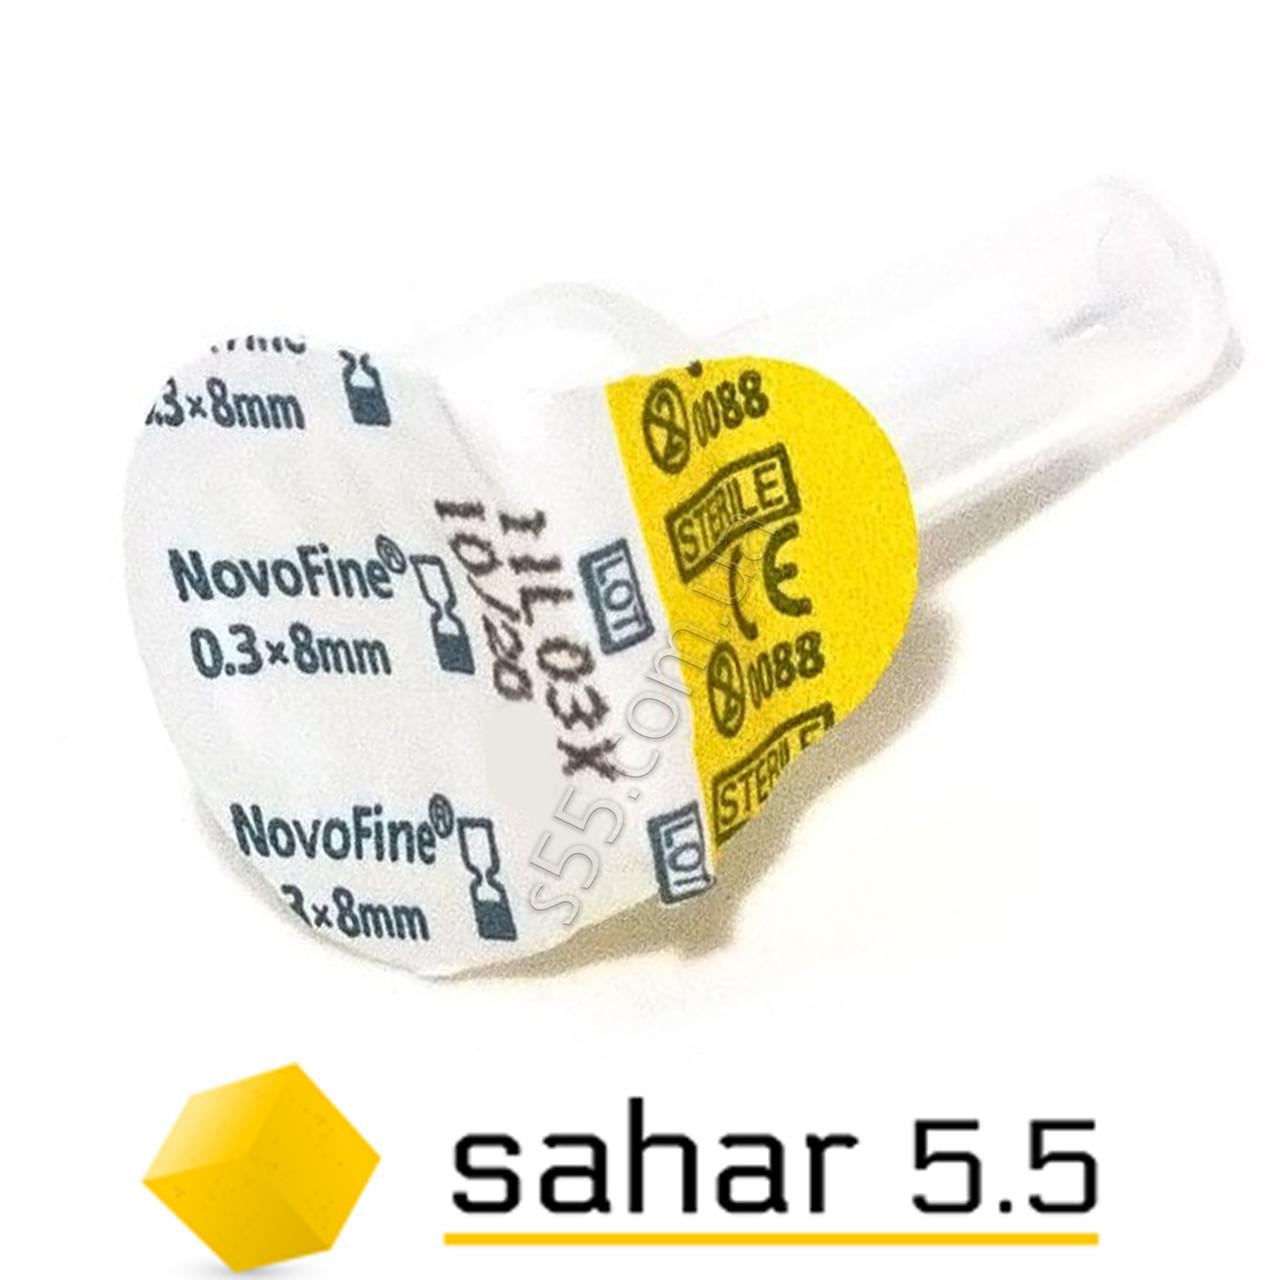 Иглы инсулиновые поштучно Новофайн 8мм - Novofine 30G